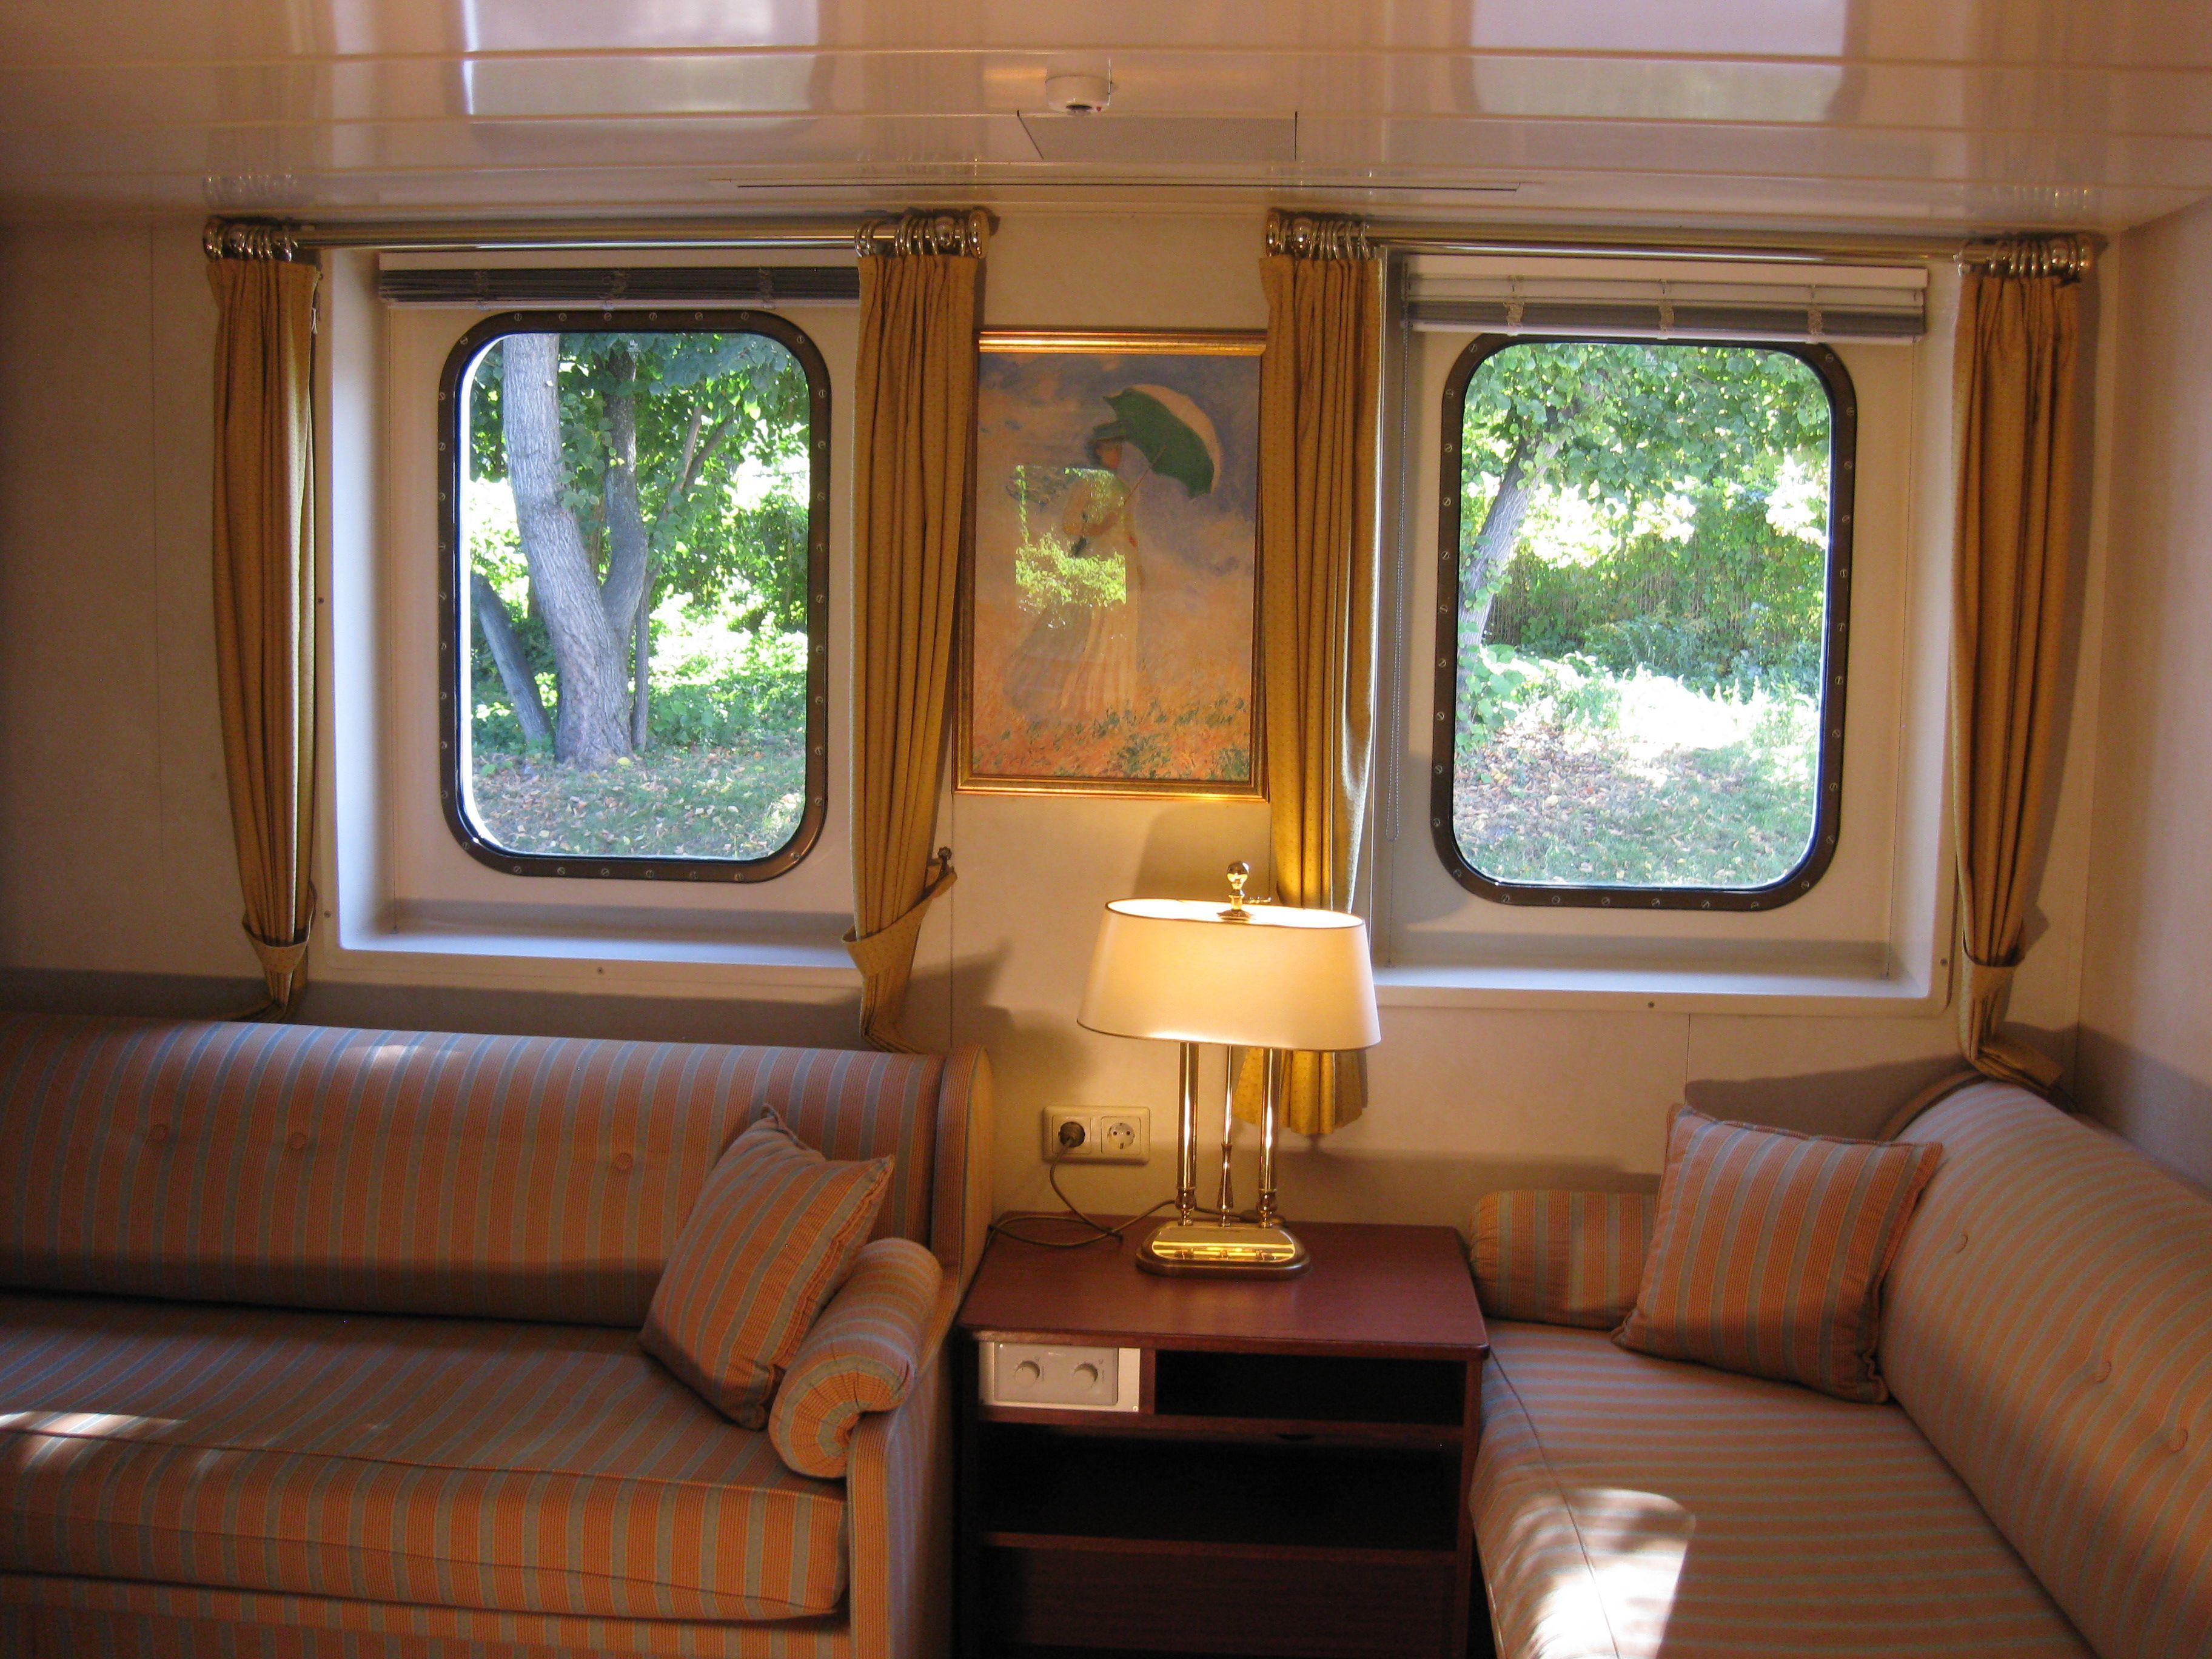 Die Schiffskabinen auf dem Elbedeck sind gemütlich eingerichtet und verfügen über 2 getrennte Betten